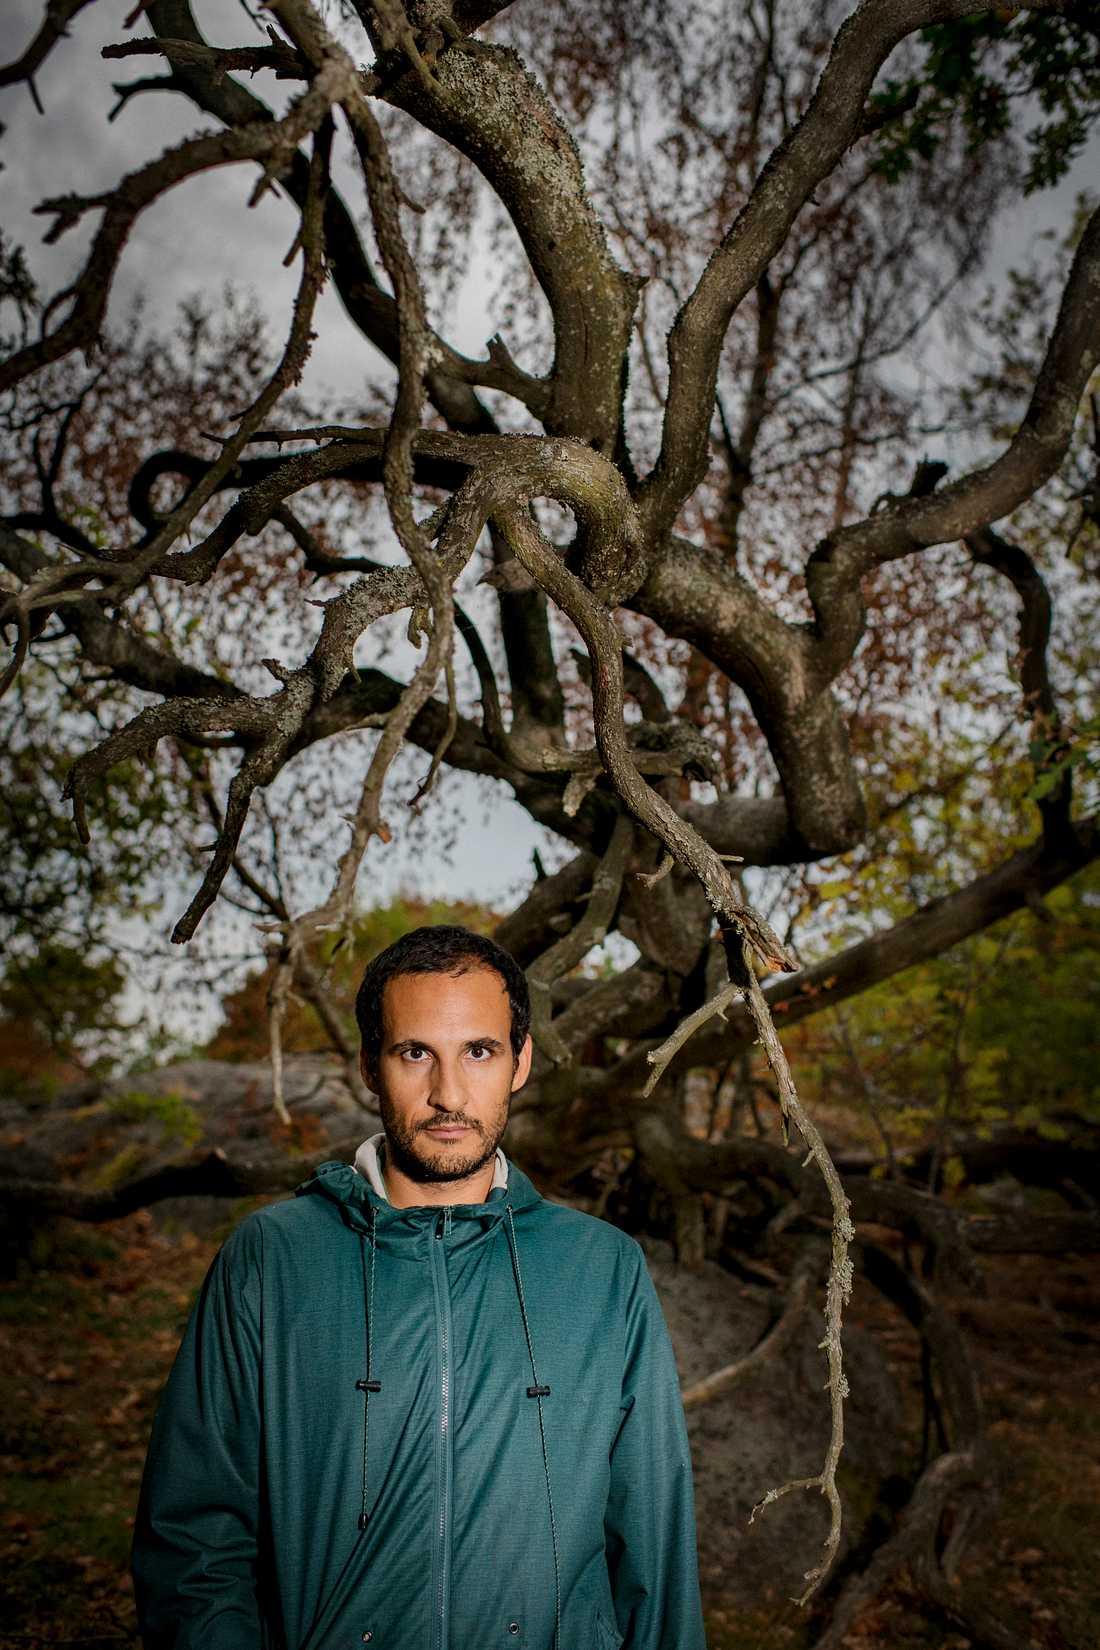 Ali Abbasi, 38, har stora chanser att vinna flera guldbaggar.